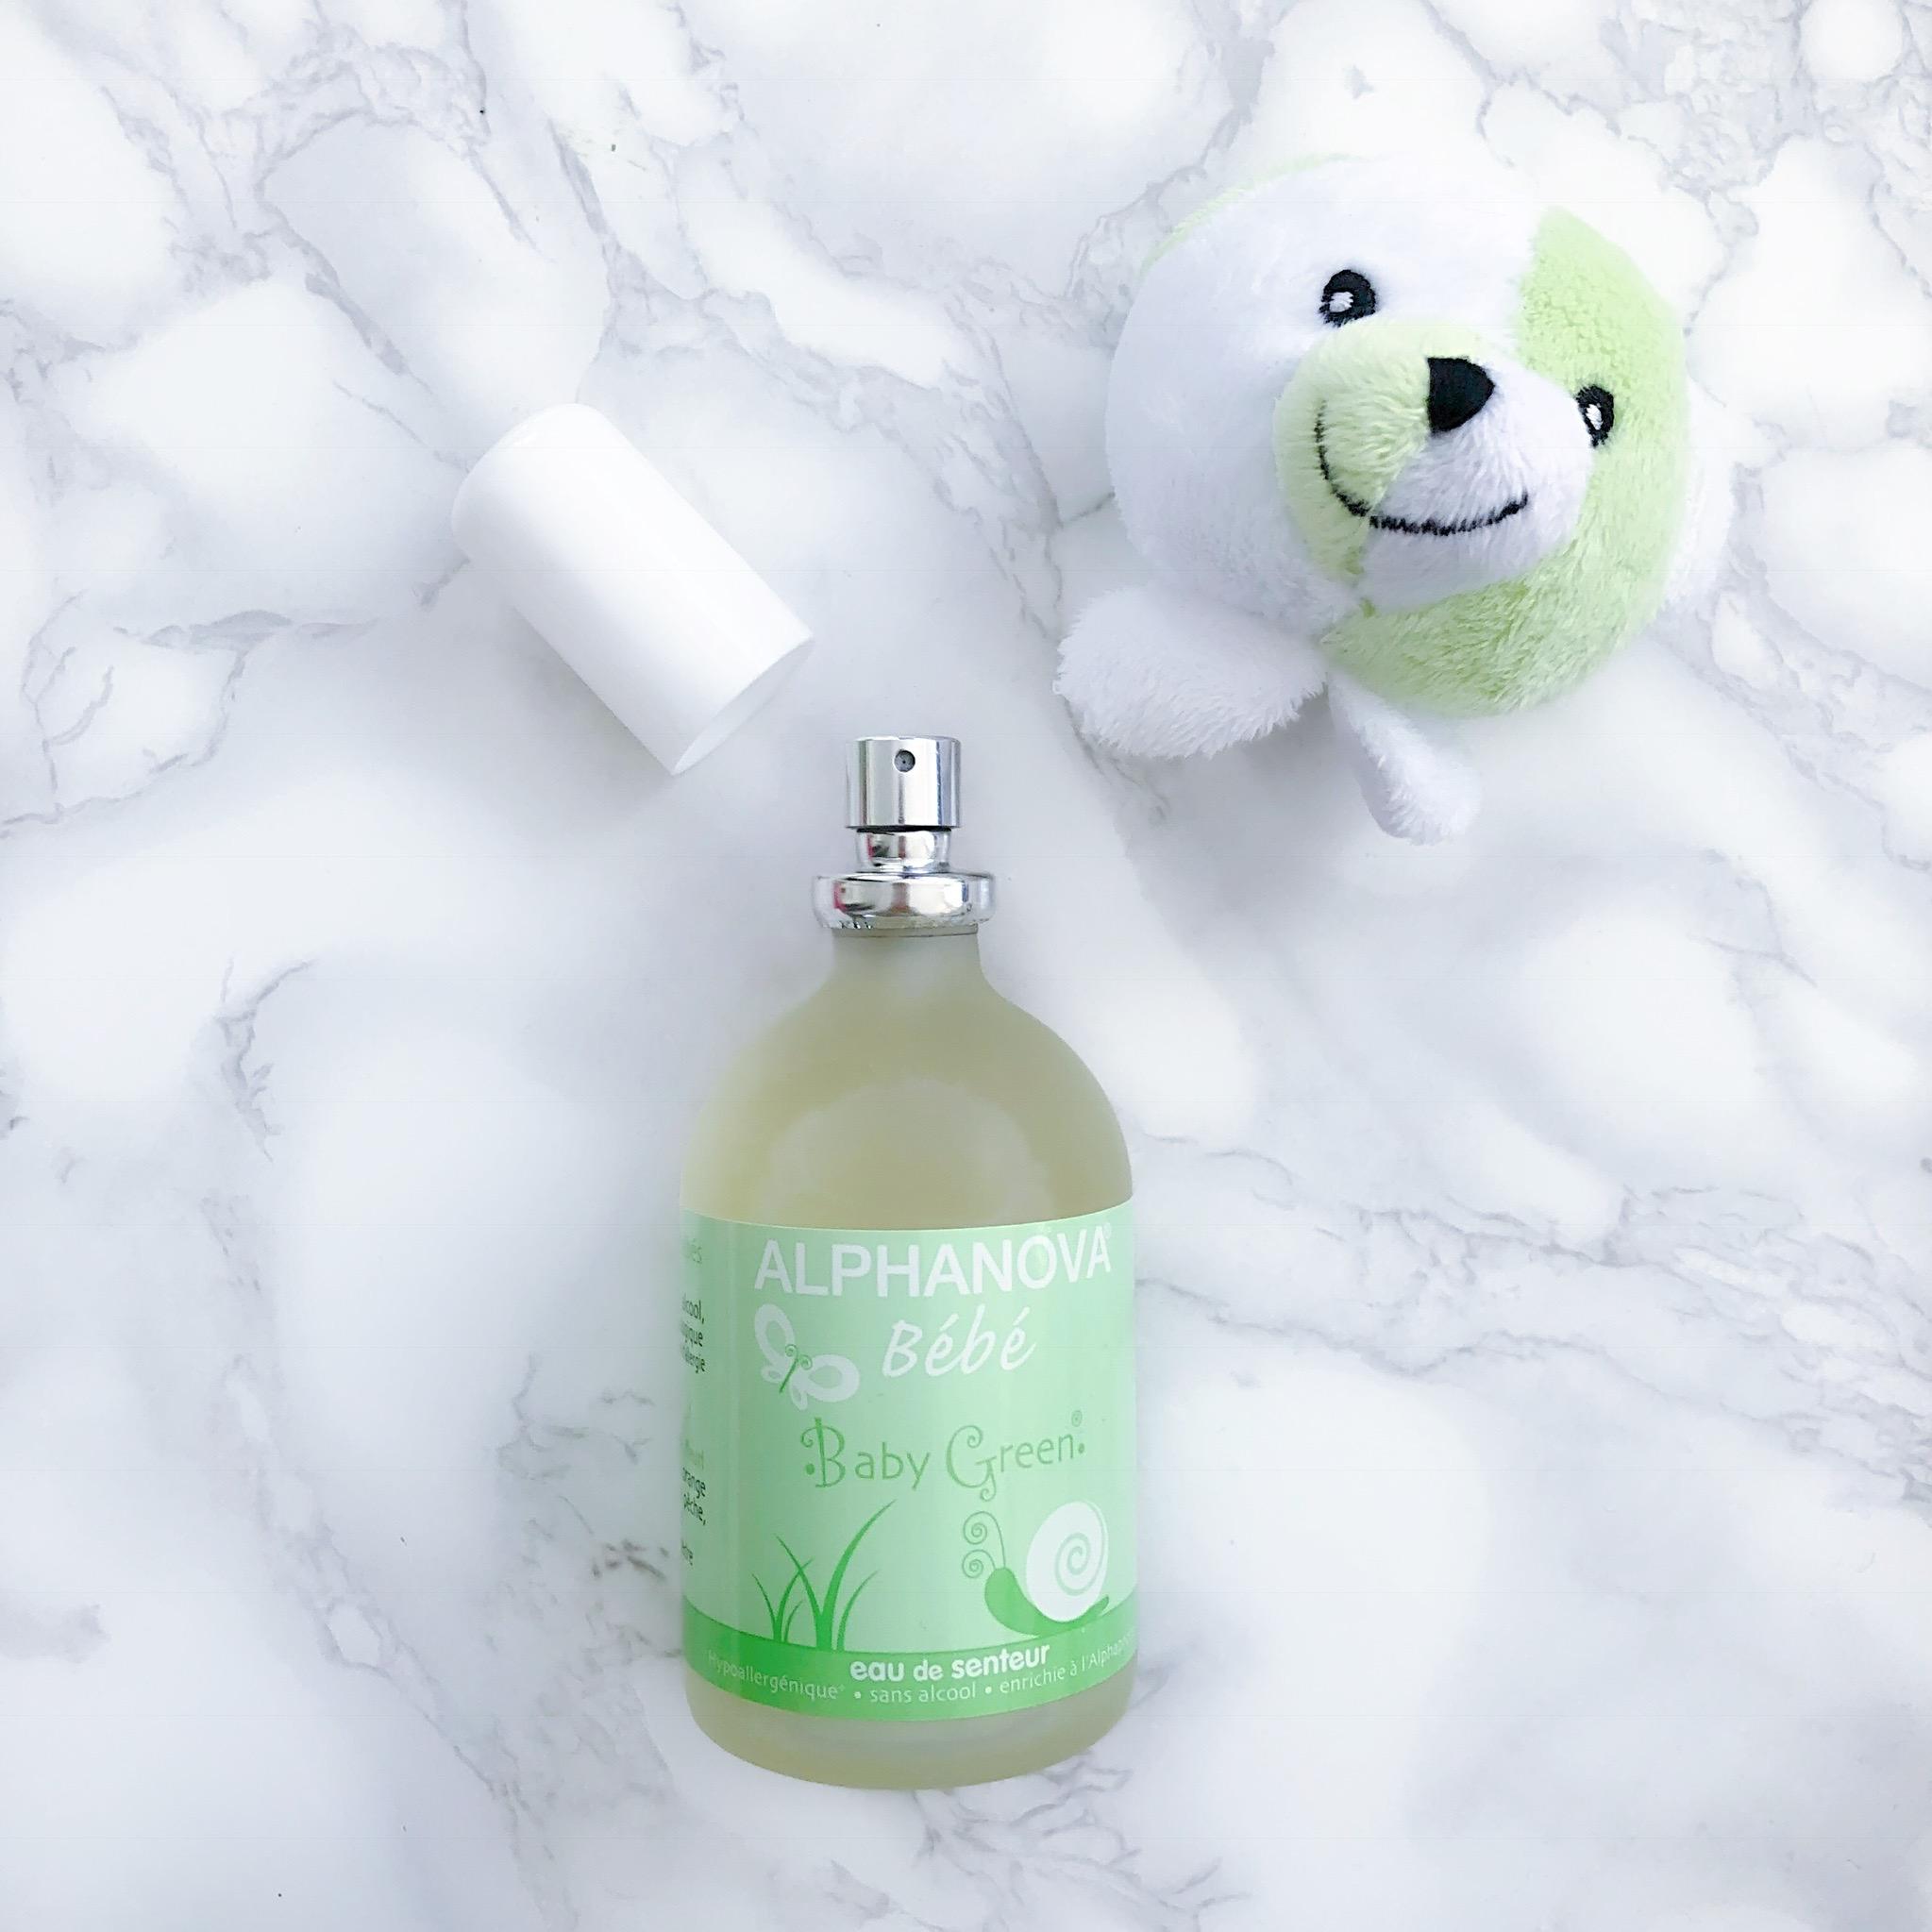 baby verzorging zonder sulfaten, zeepvrij en parfumvrij